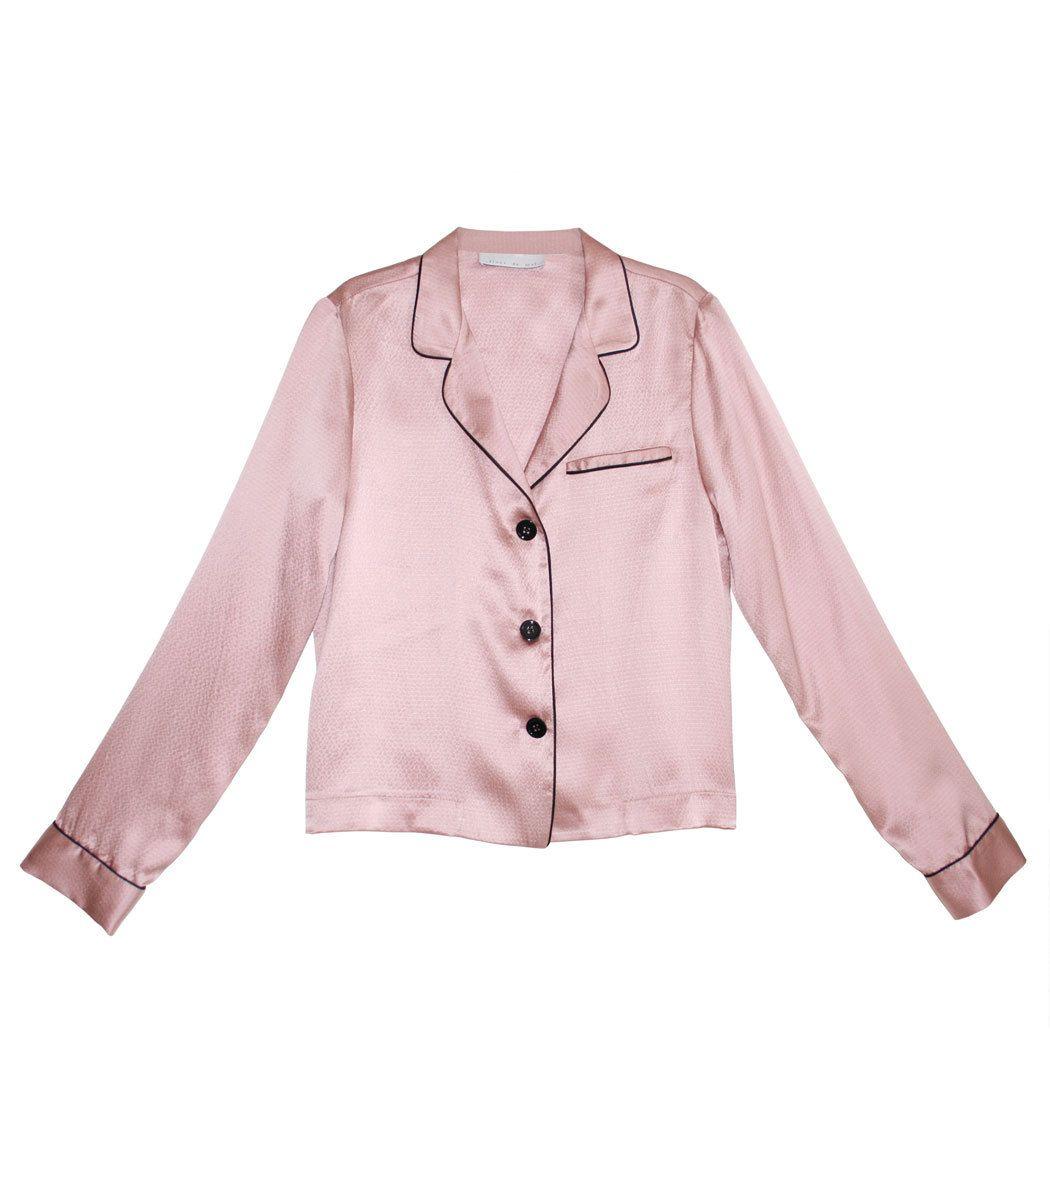 7a1d78ef6a Fleur Du Mal Rose Pink Pajama Top